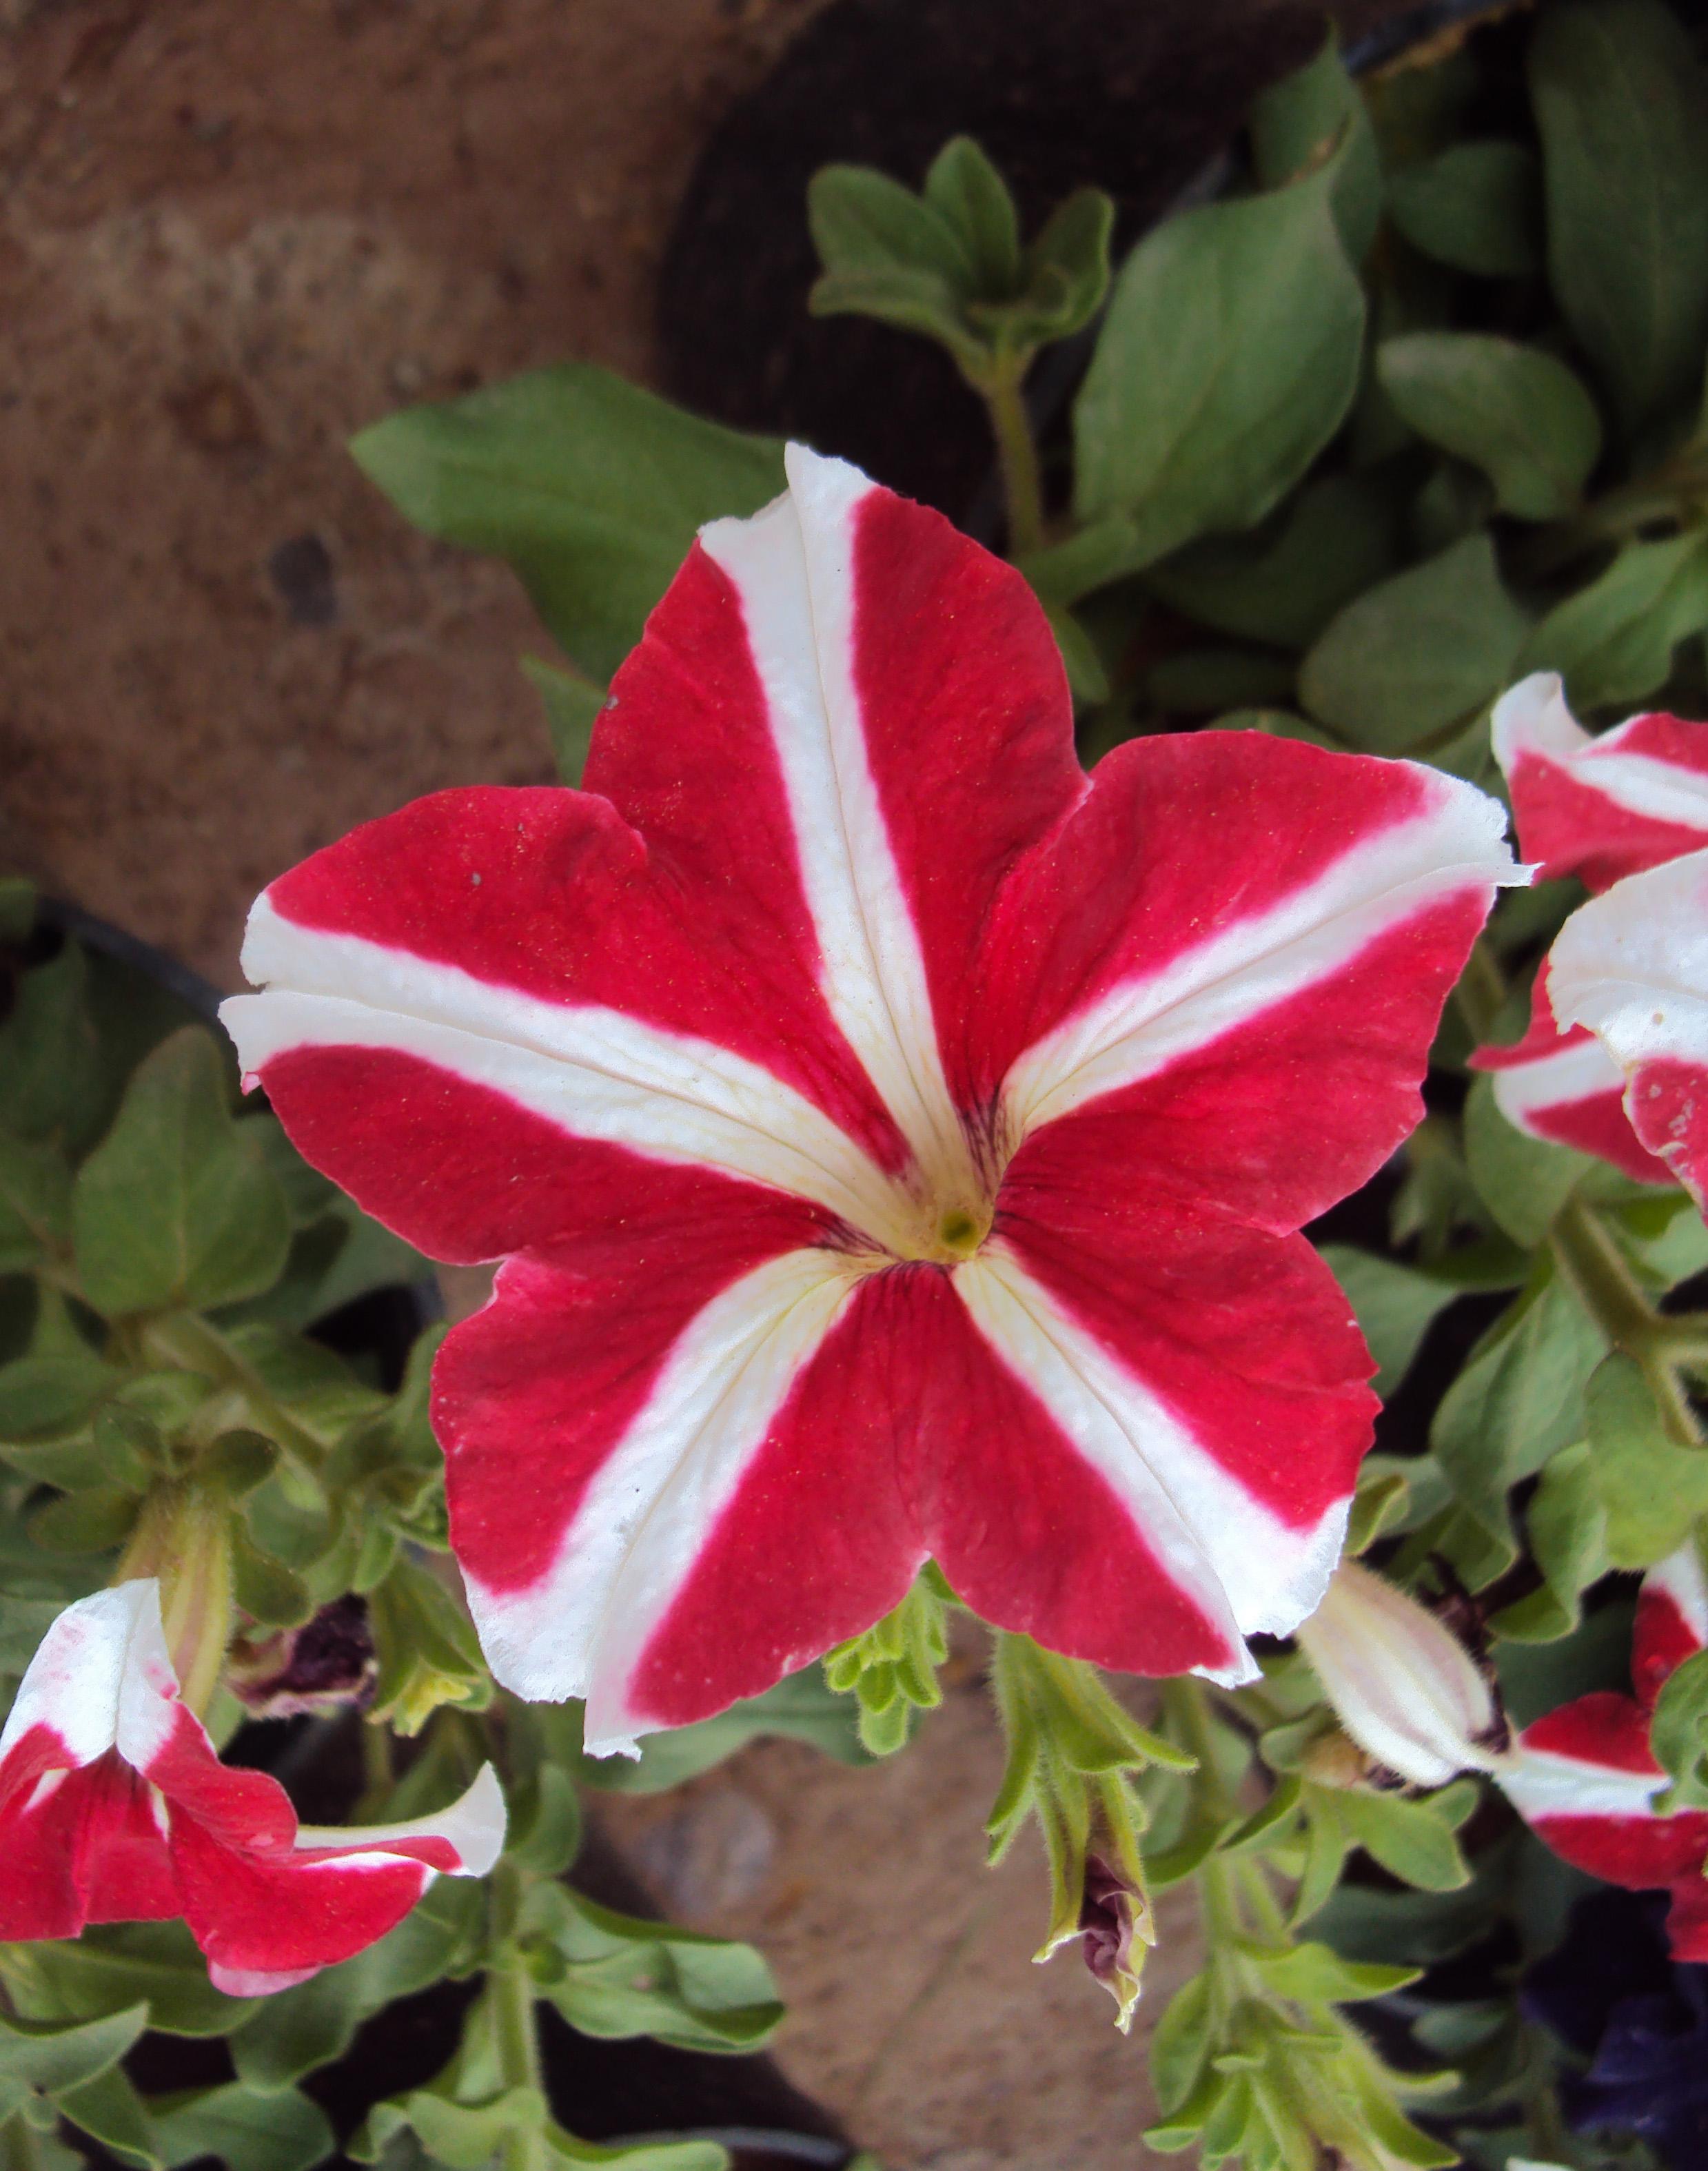 File Flowers Uncategorised Garden plants 110 JPG Wikimedia mons